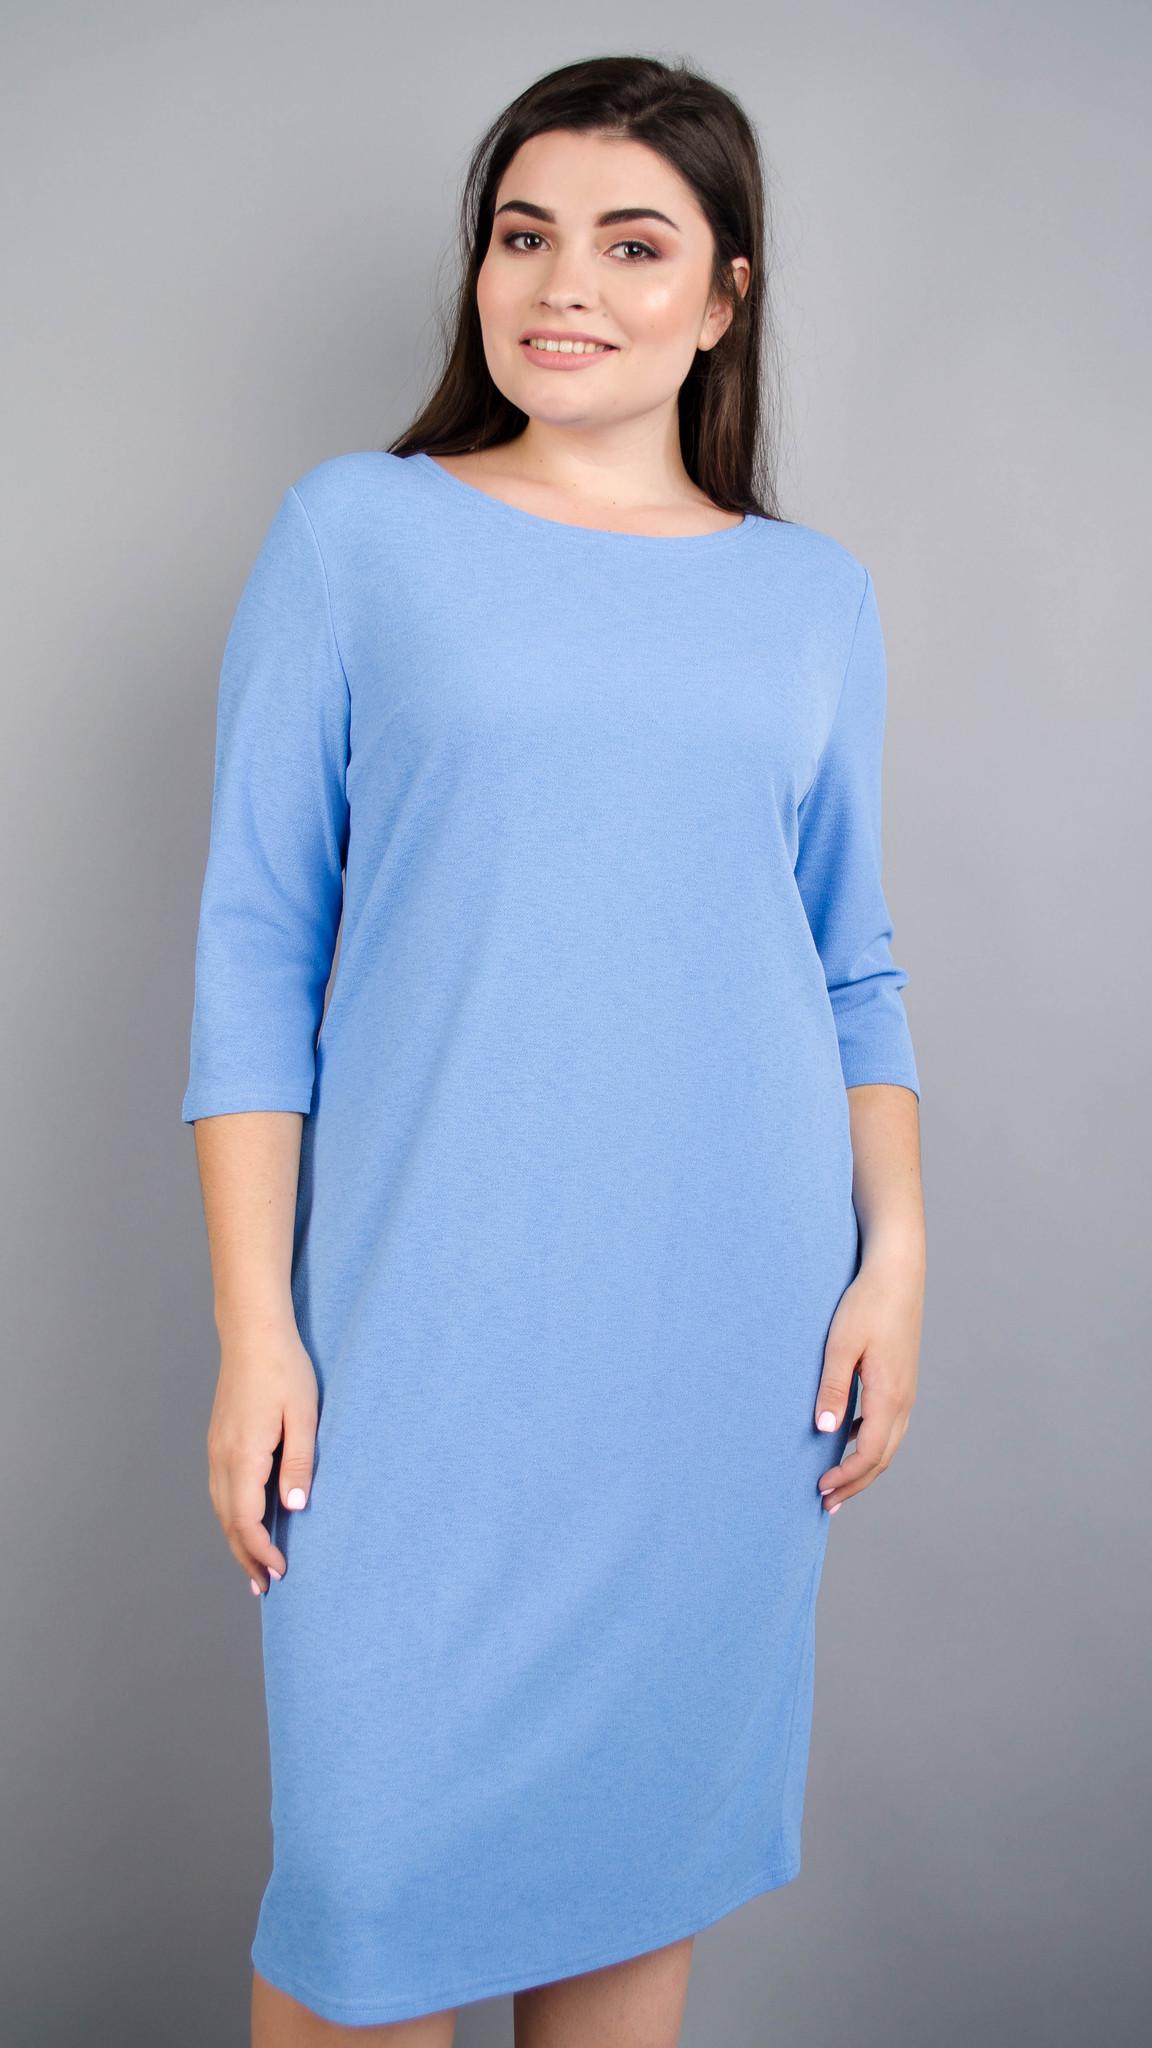 Аріна креп. Універсальна сукня великих розмірів. Блакитний.